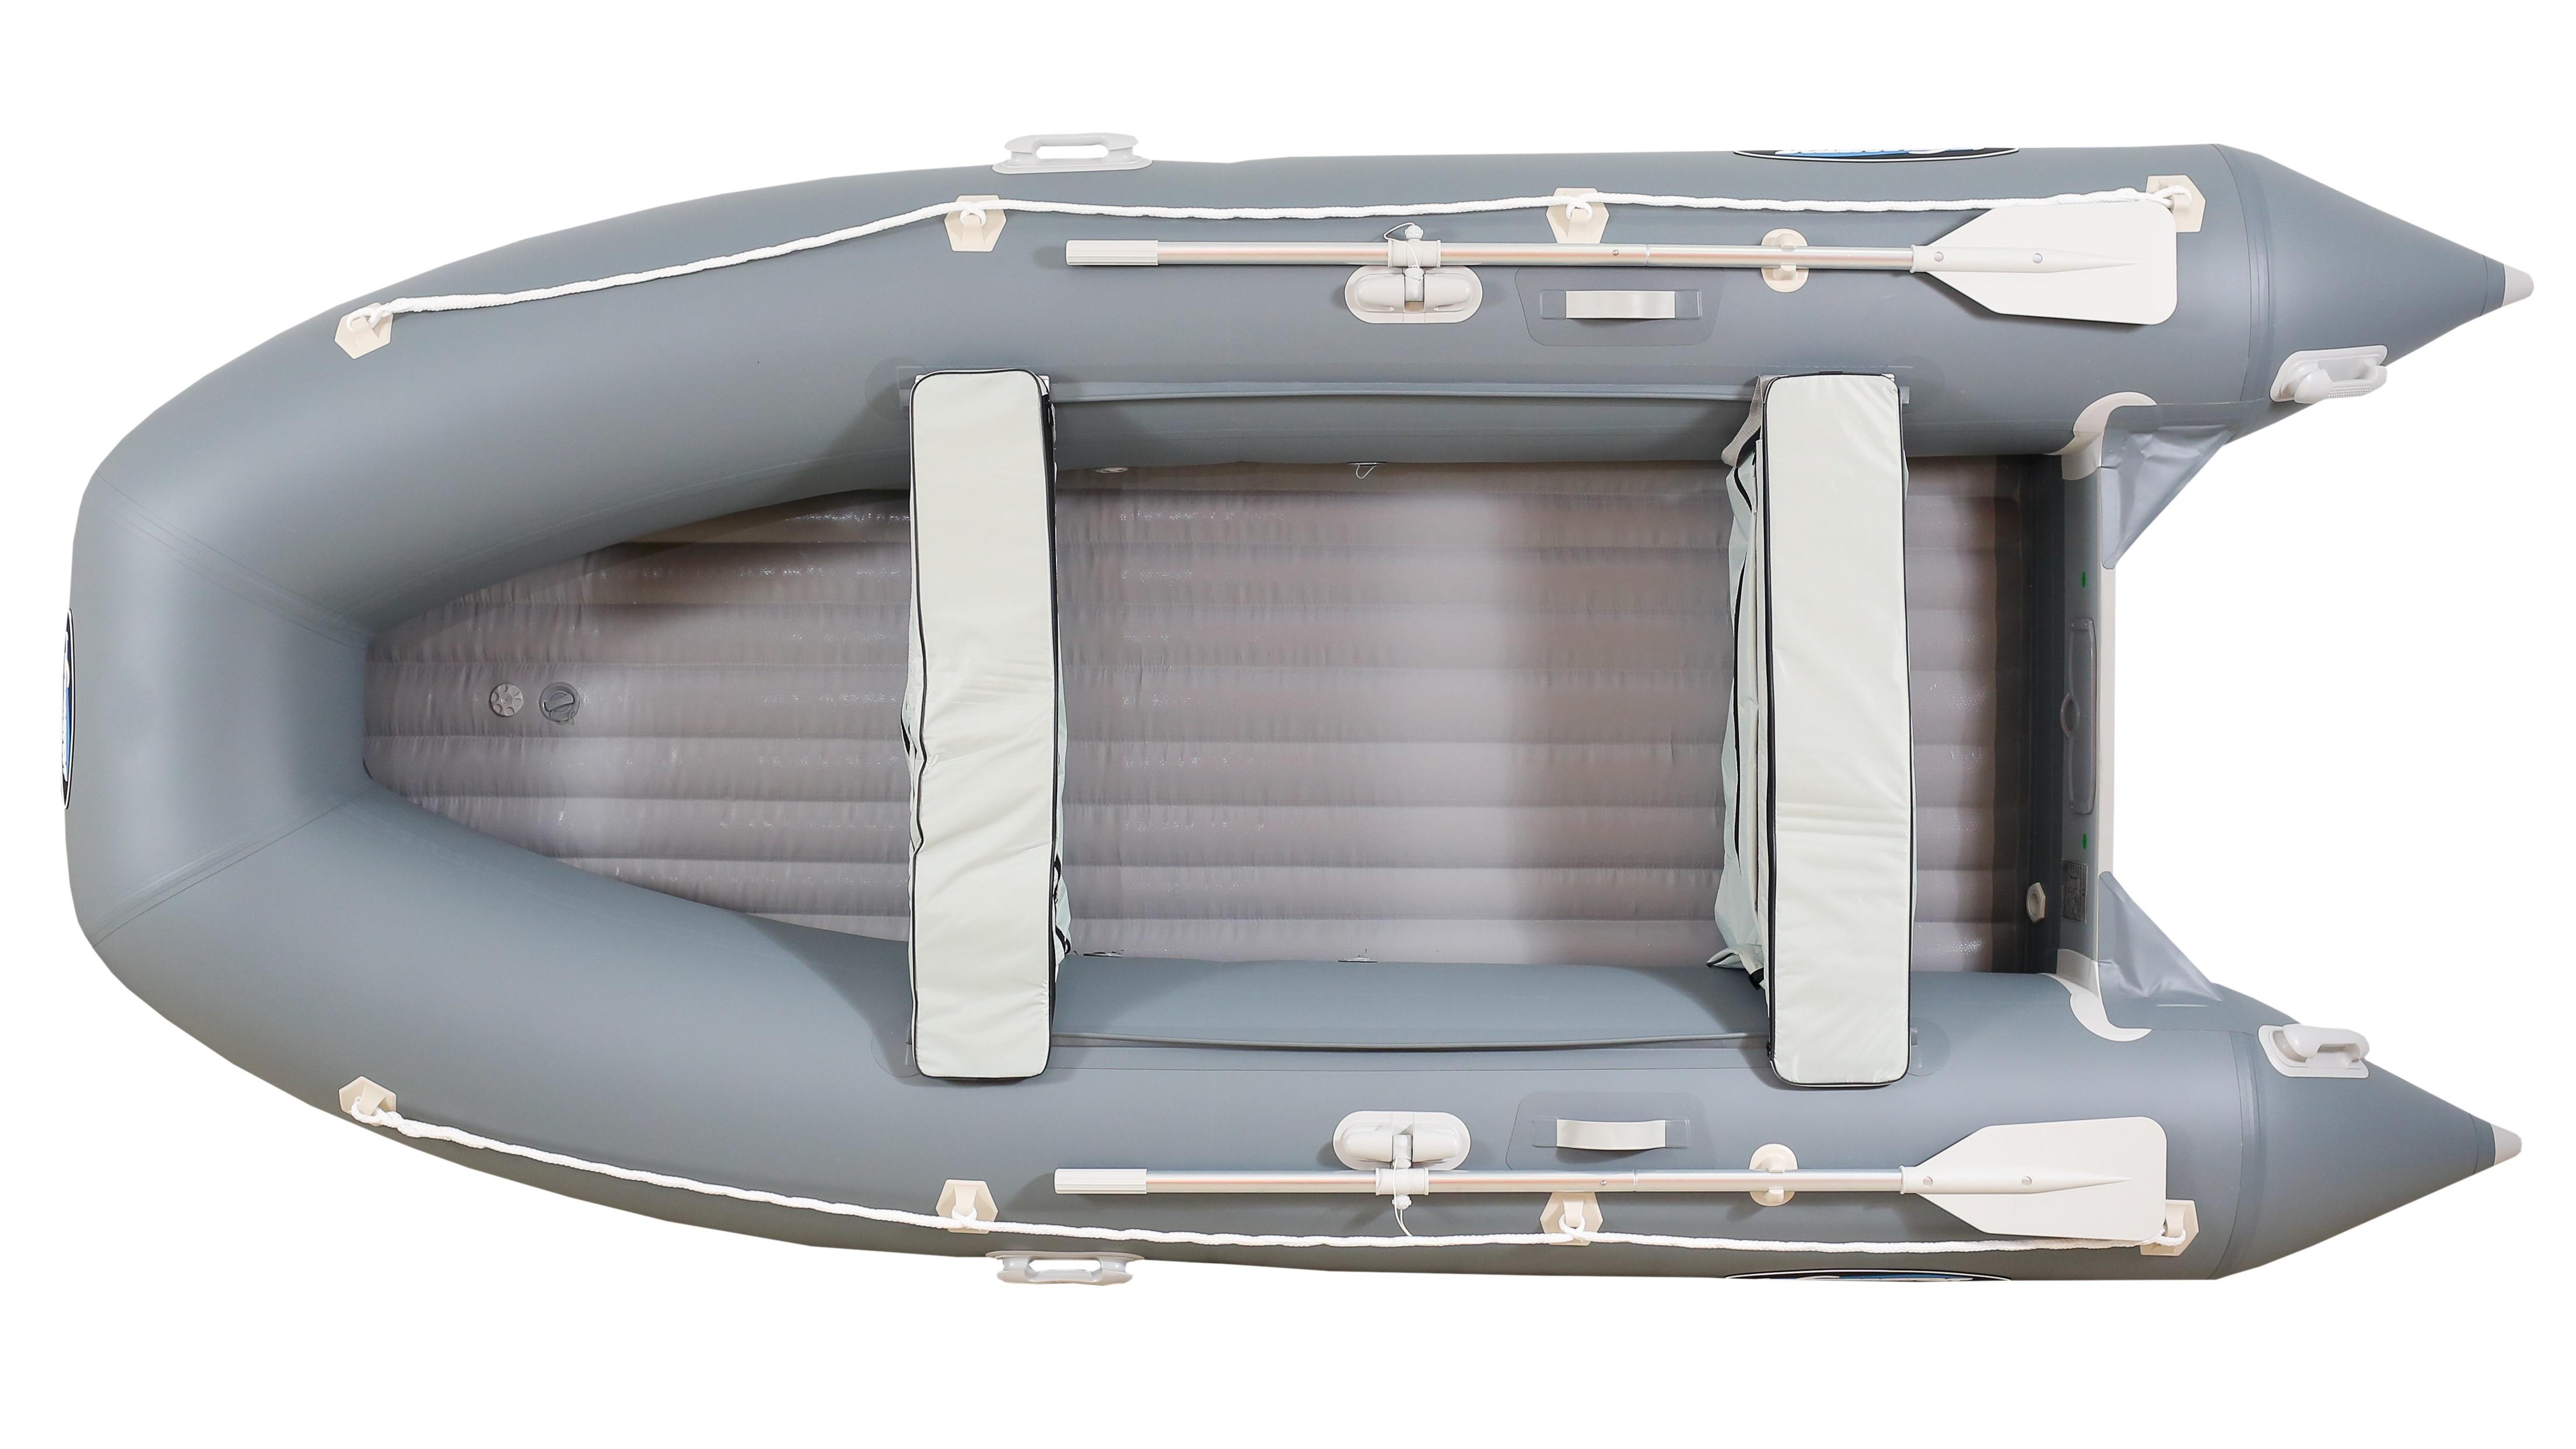 лодка gladiator официальный сайт купить в интернет магазине белгород